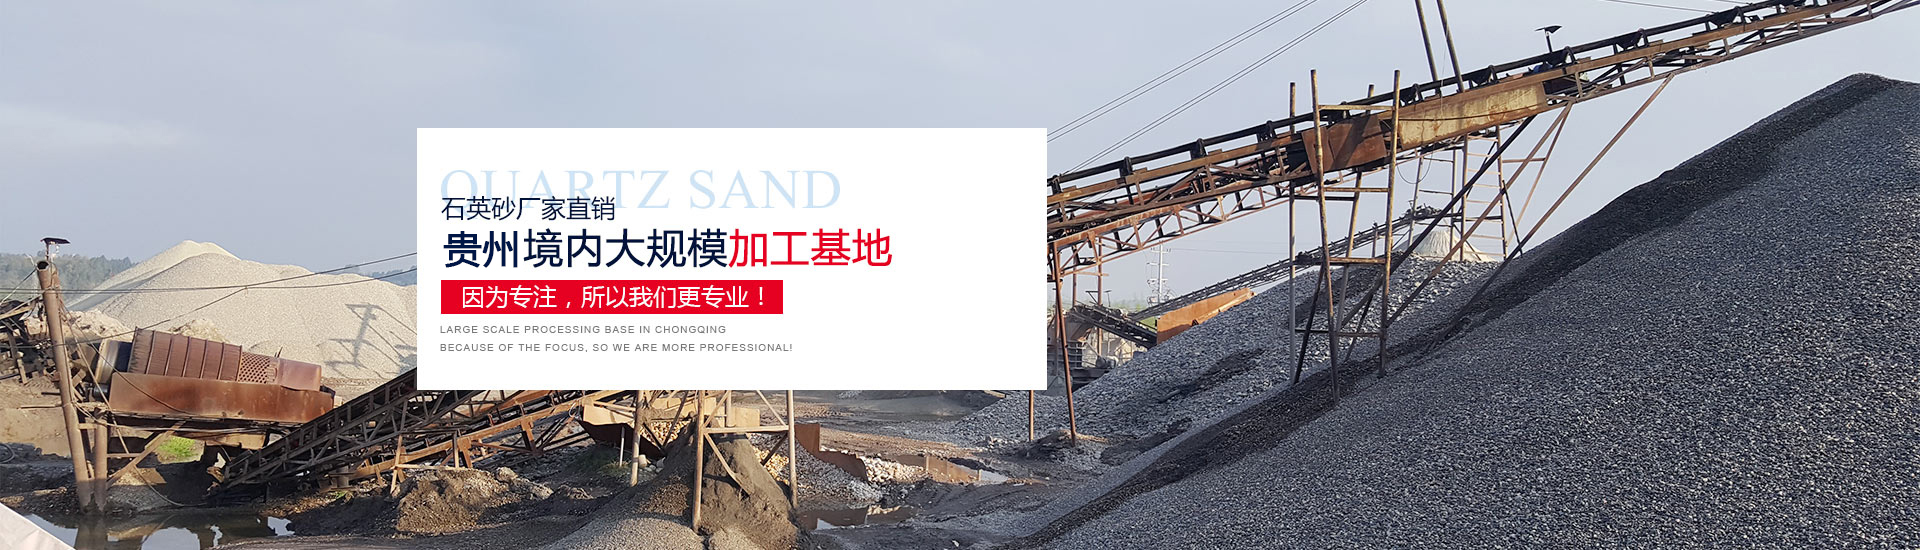 贵州石英砂销售